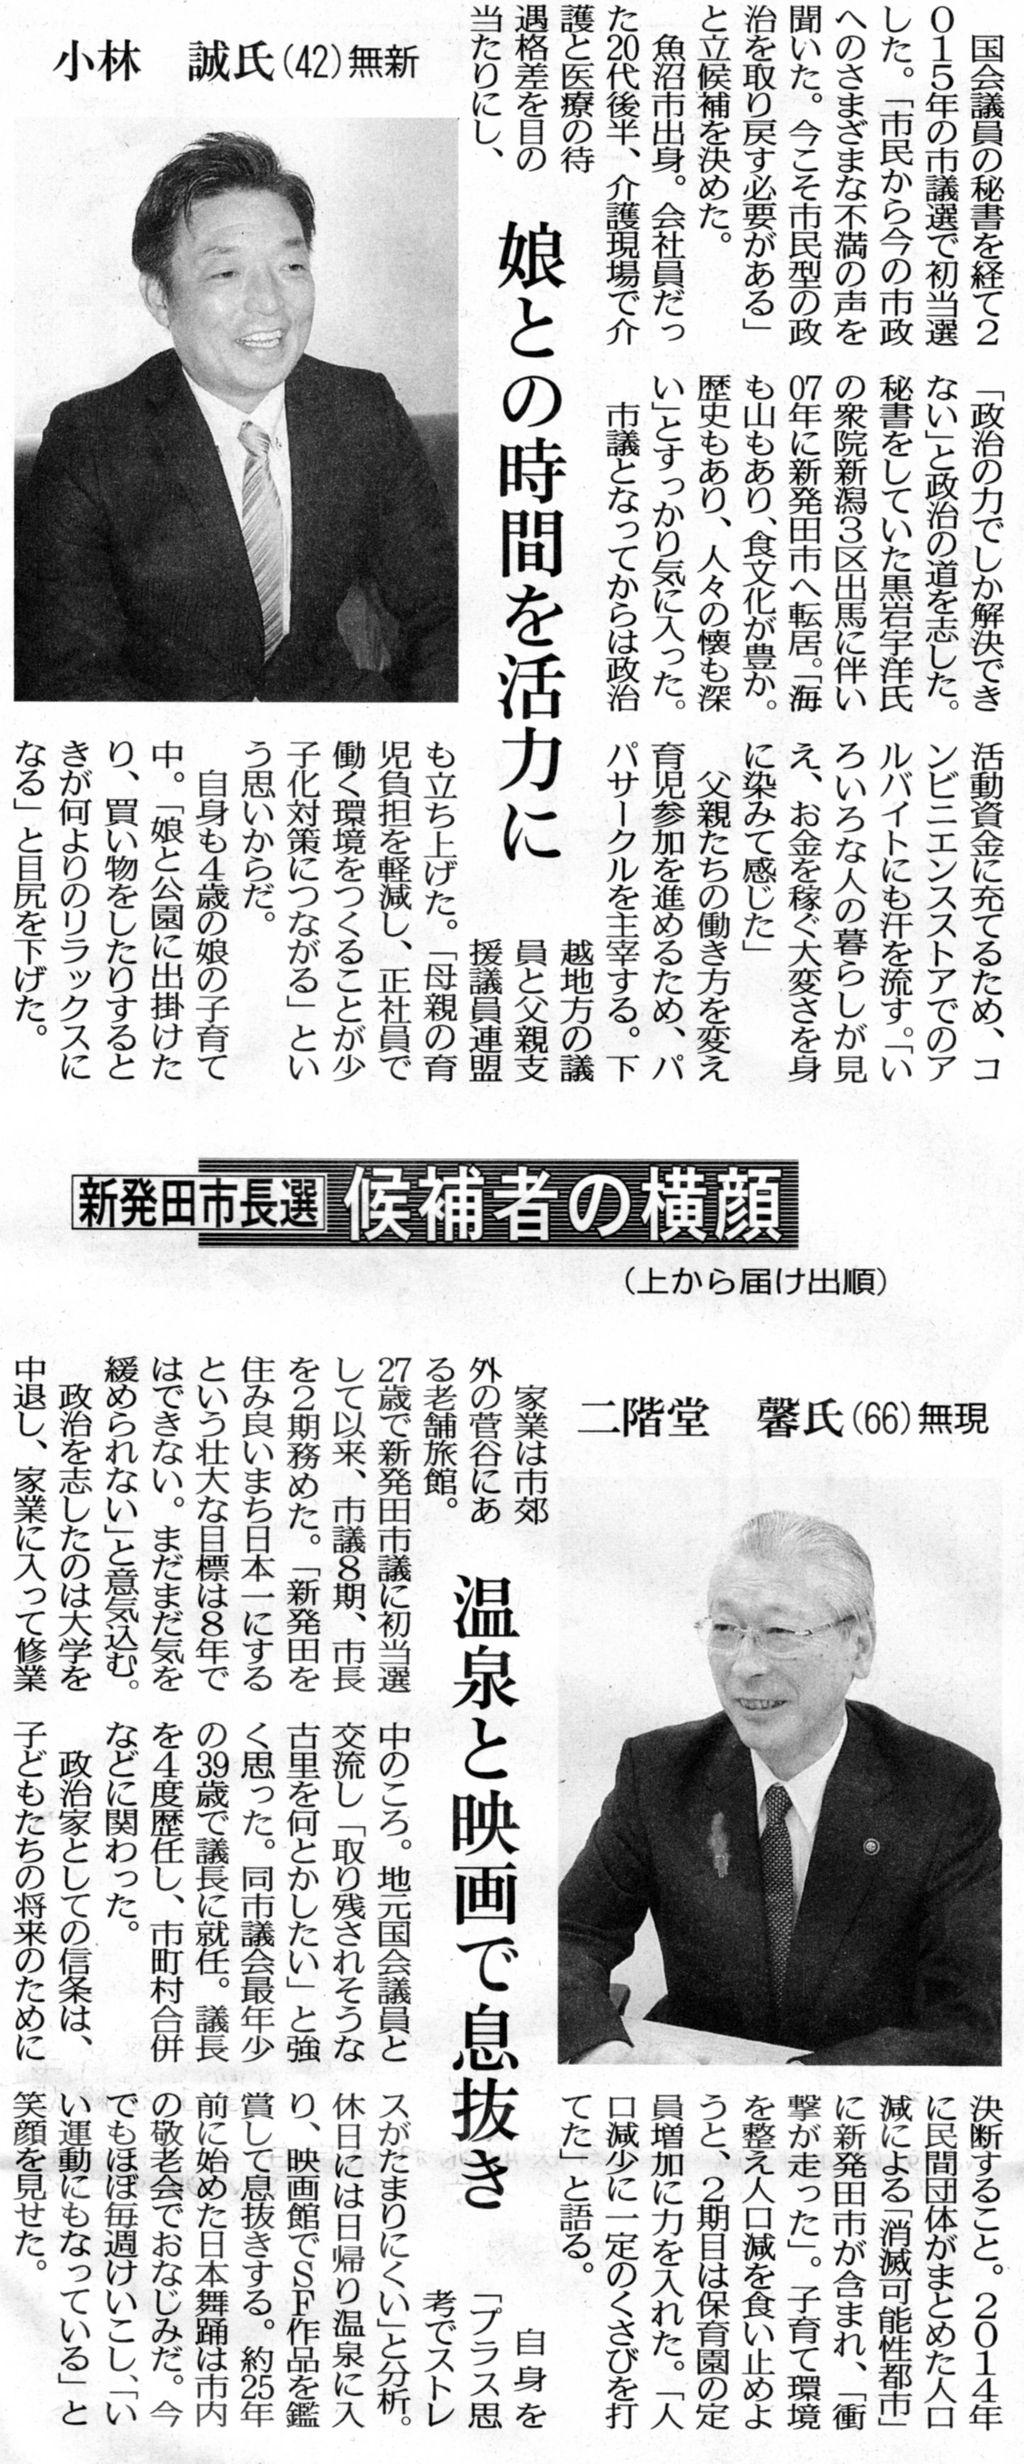 20181114新潟日報 新発田市長選002